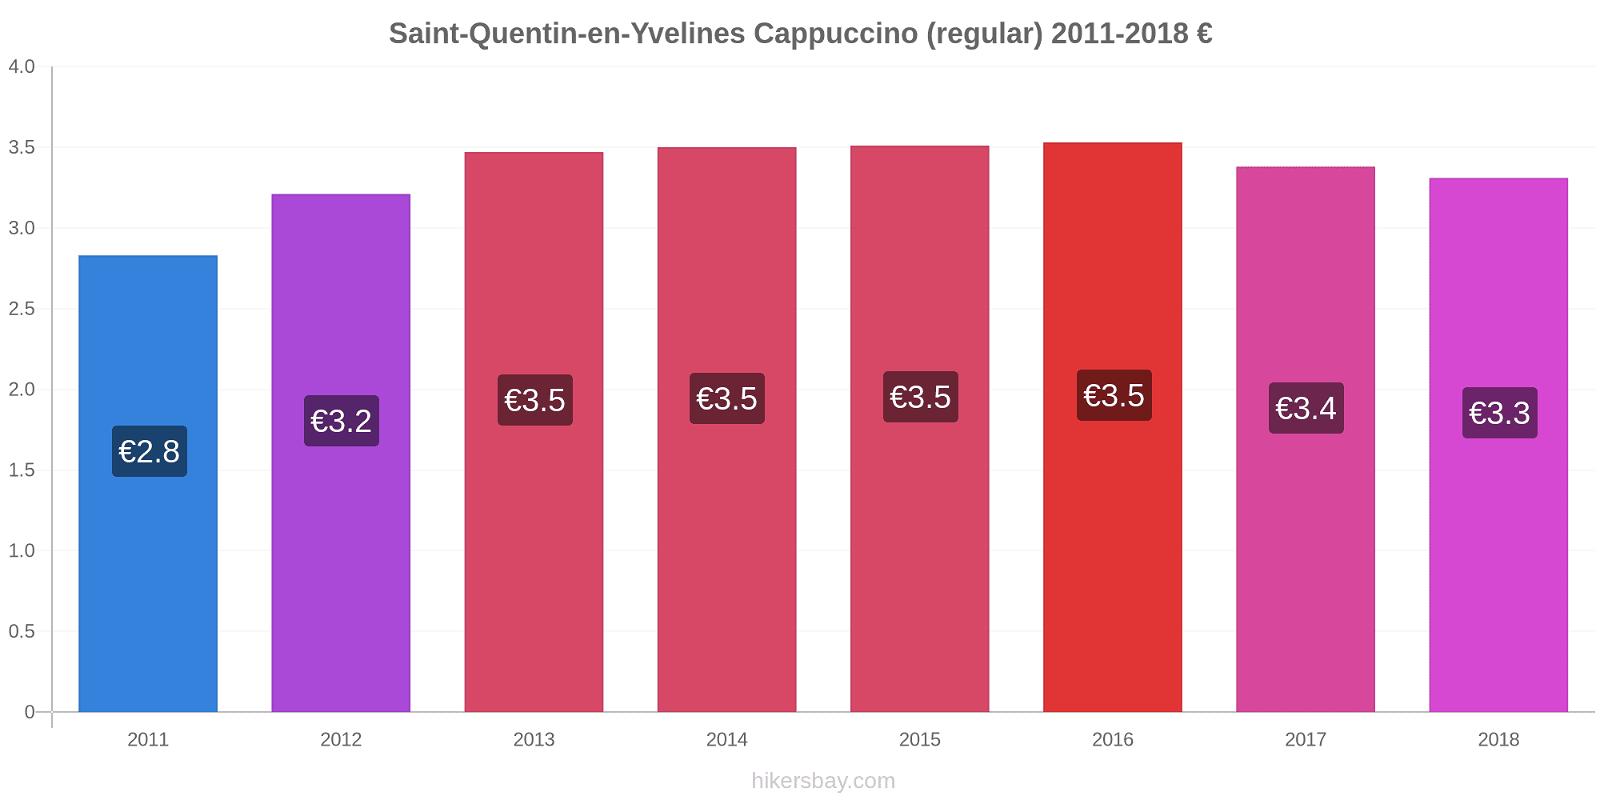 Saint-Quentin-en-Yvelines price changes Cappuccino (regular) hikersbay.com